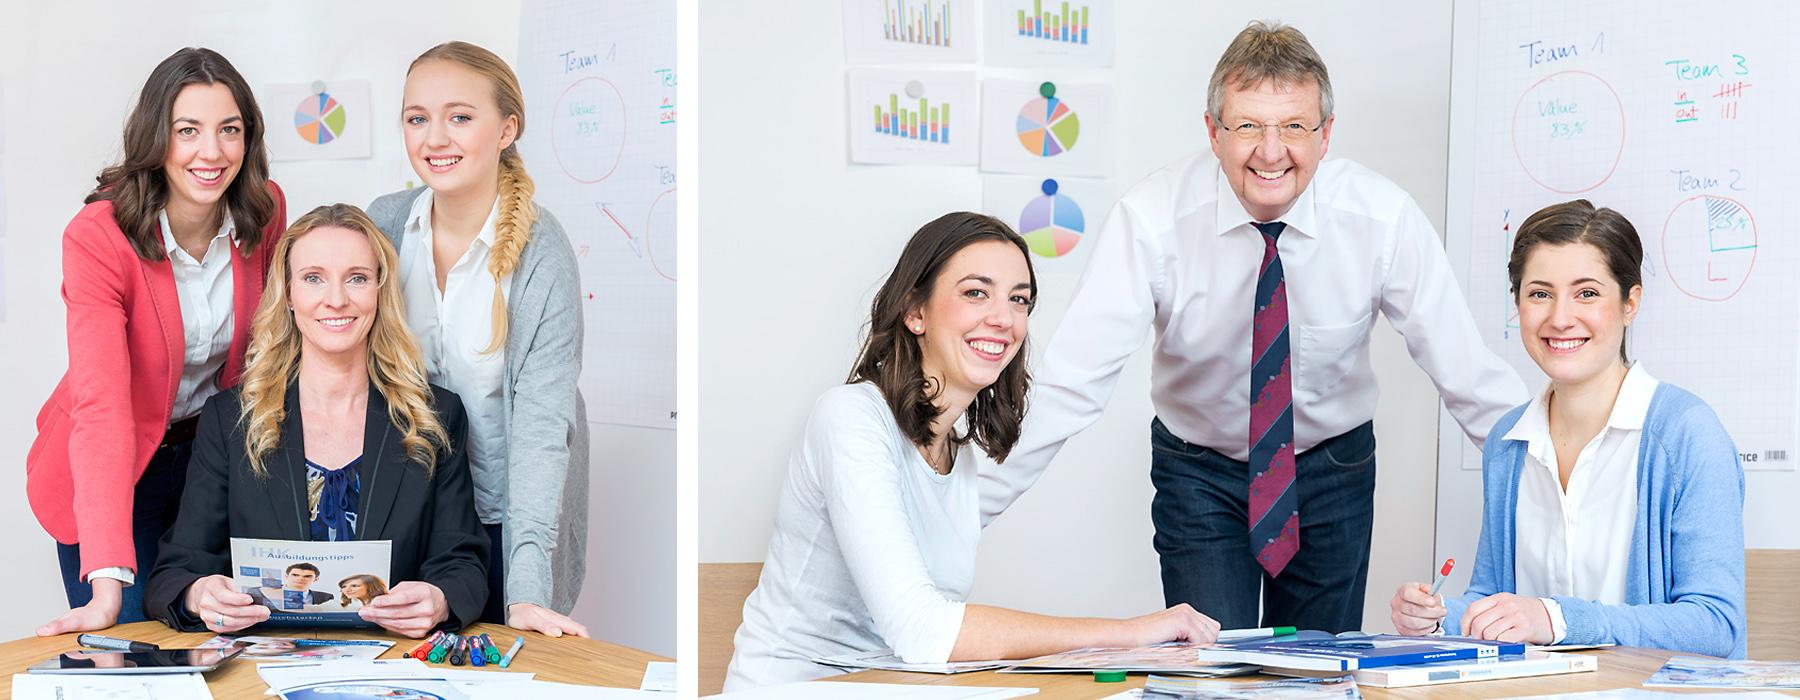 Business-Fotos, Mitarbeiter, Unternehmensfotos,